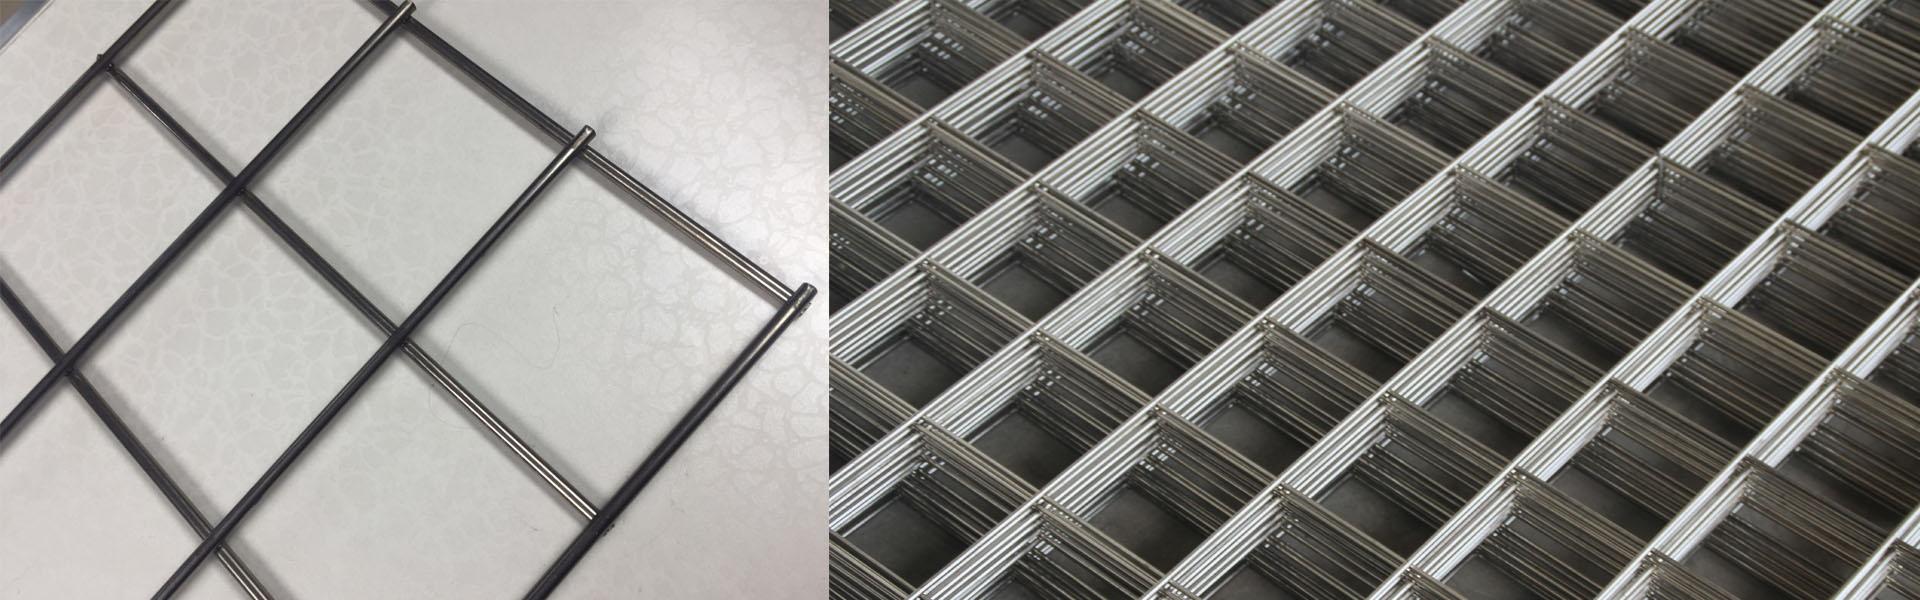 Hebei Xiangtian Metal Products Co., Ltd |